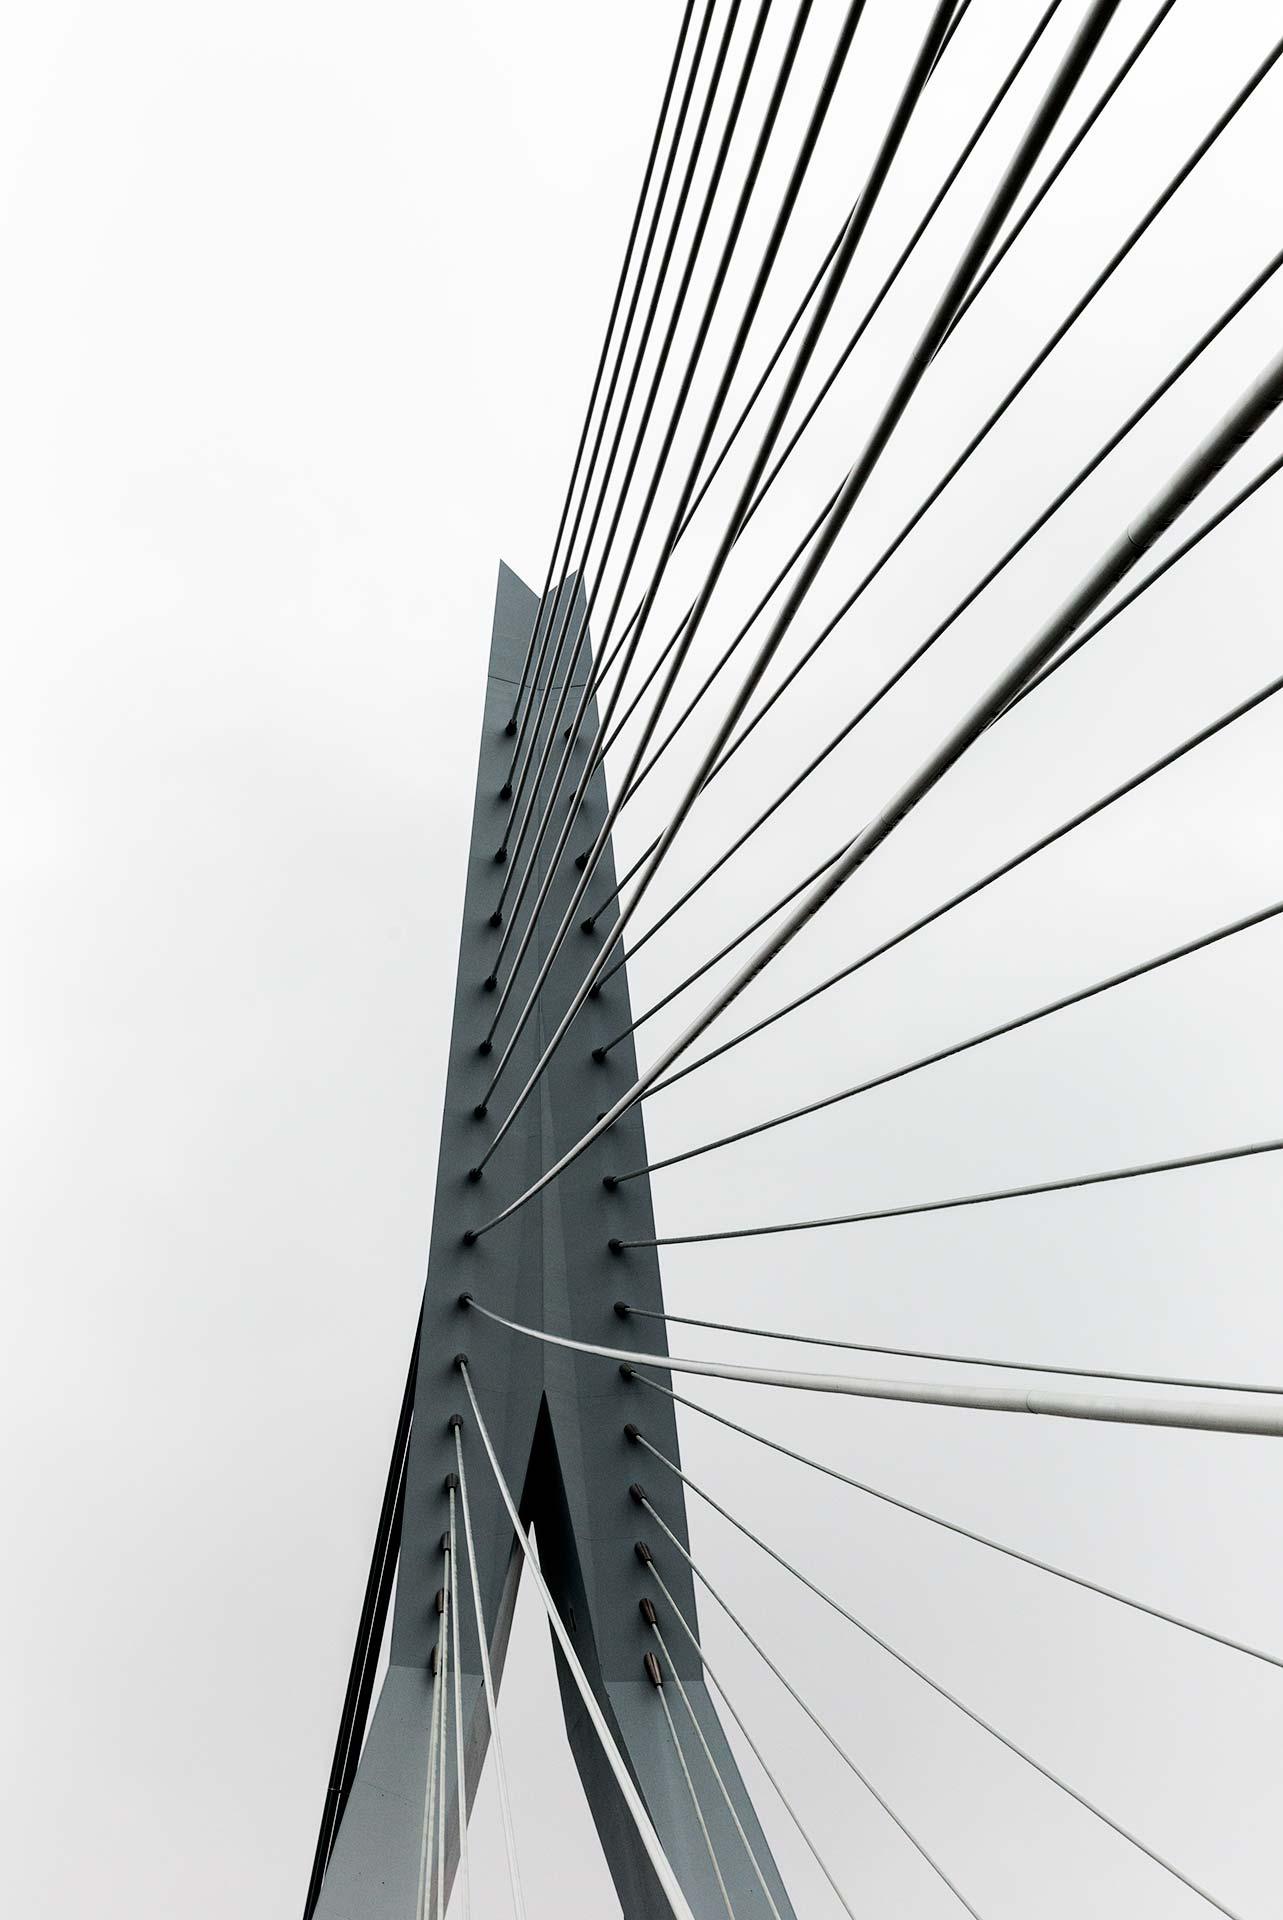 Tim_Allen_Rotterdam_7.jpg